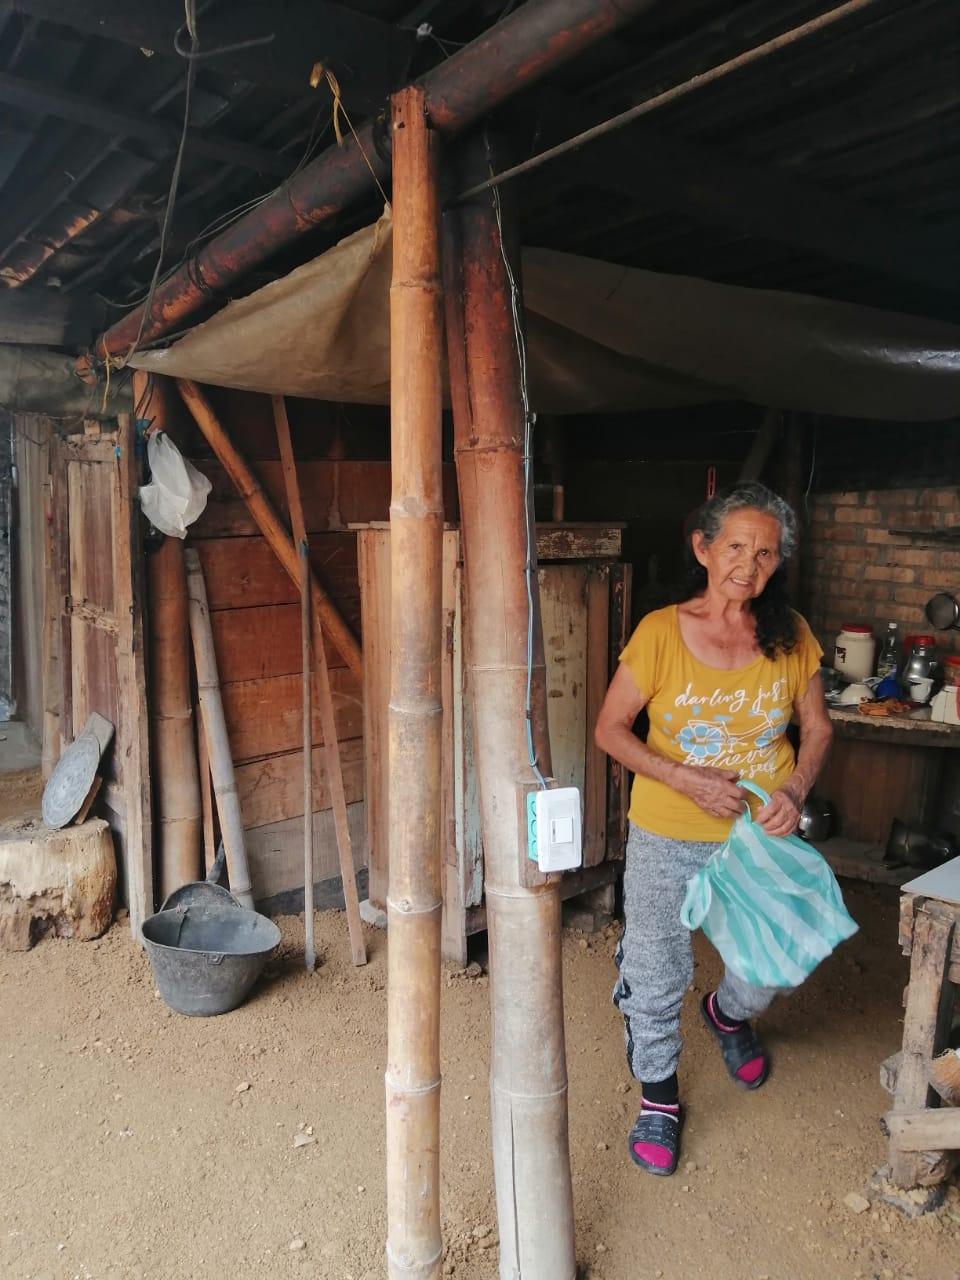 Doña Margarita solo quiere pasar los últimos años de su vida en una vivienda que no amenace contra su integridad.